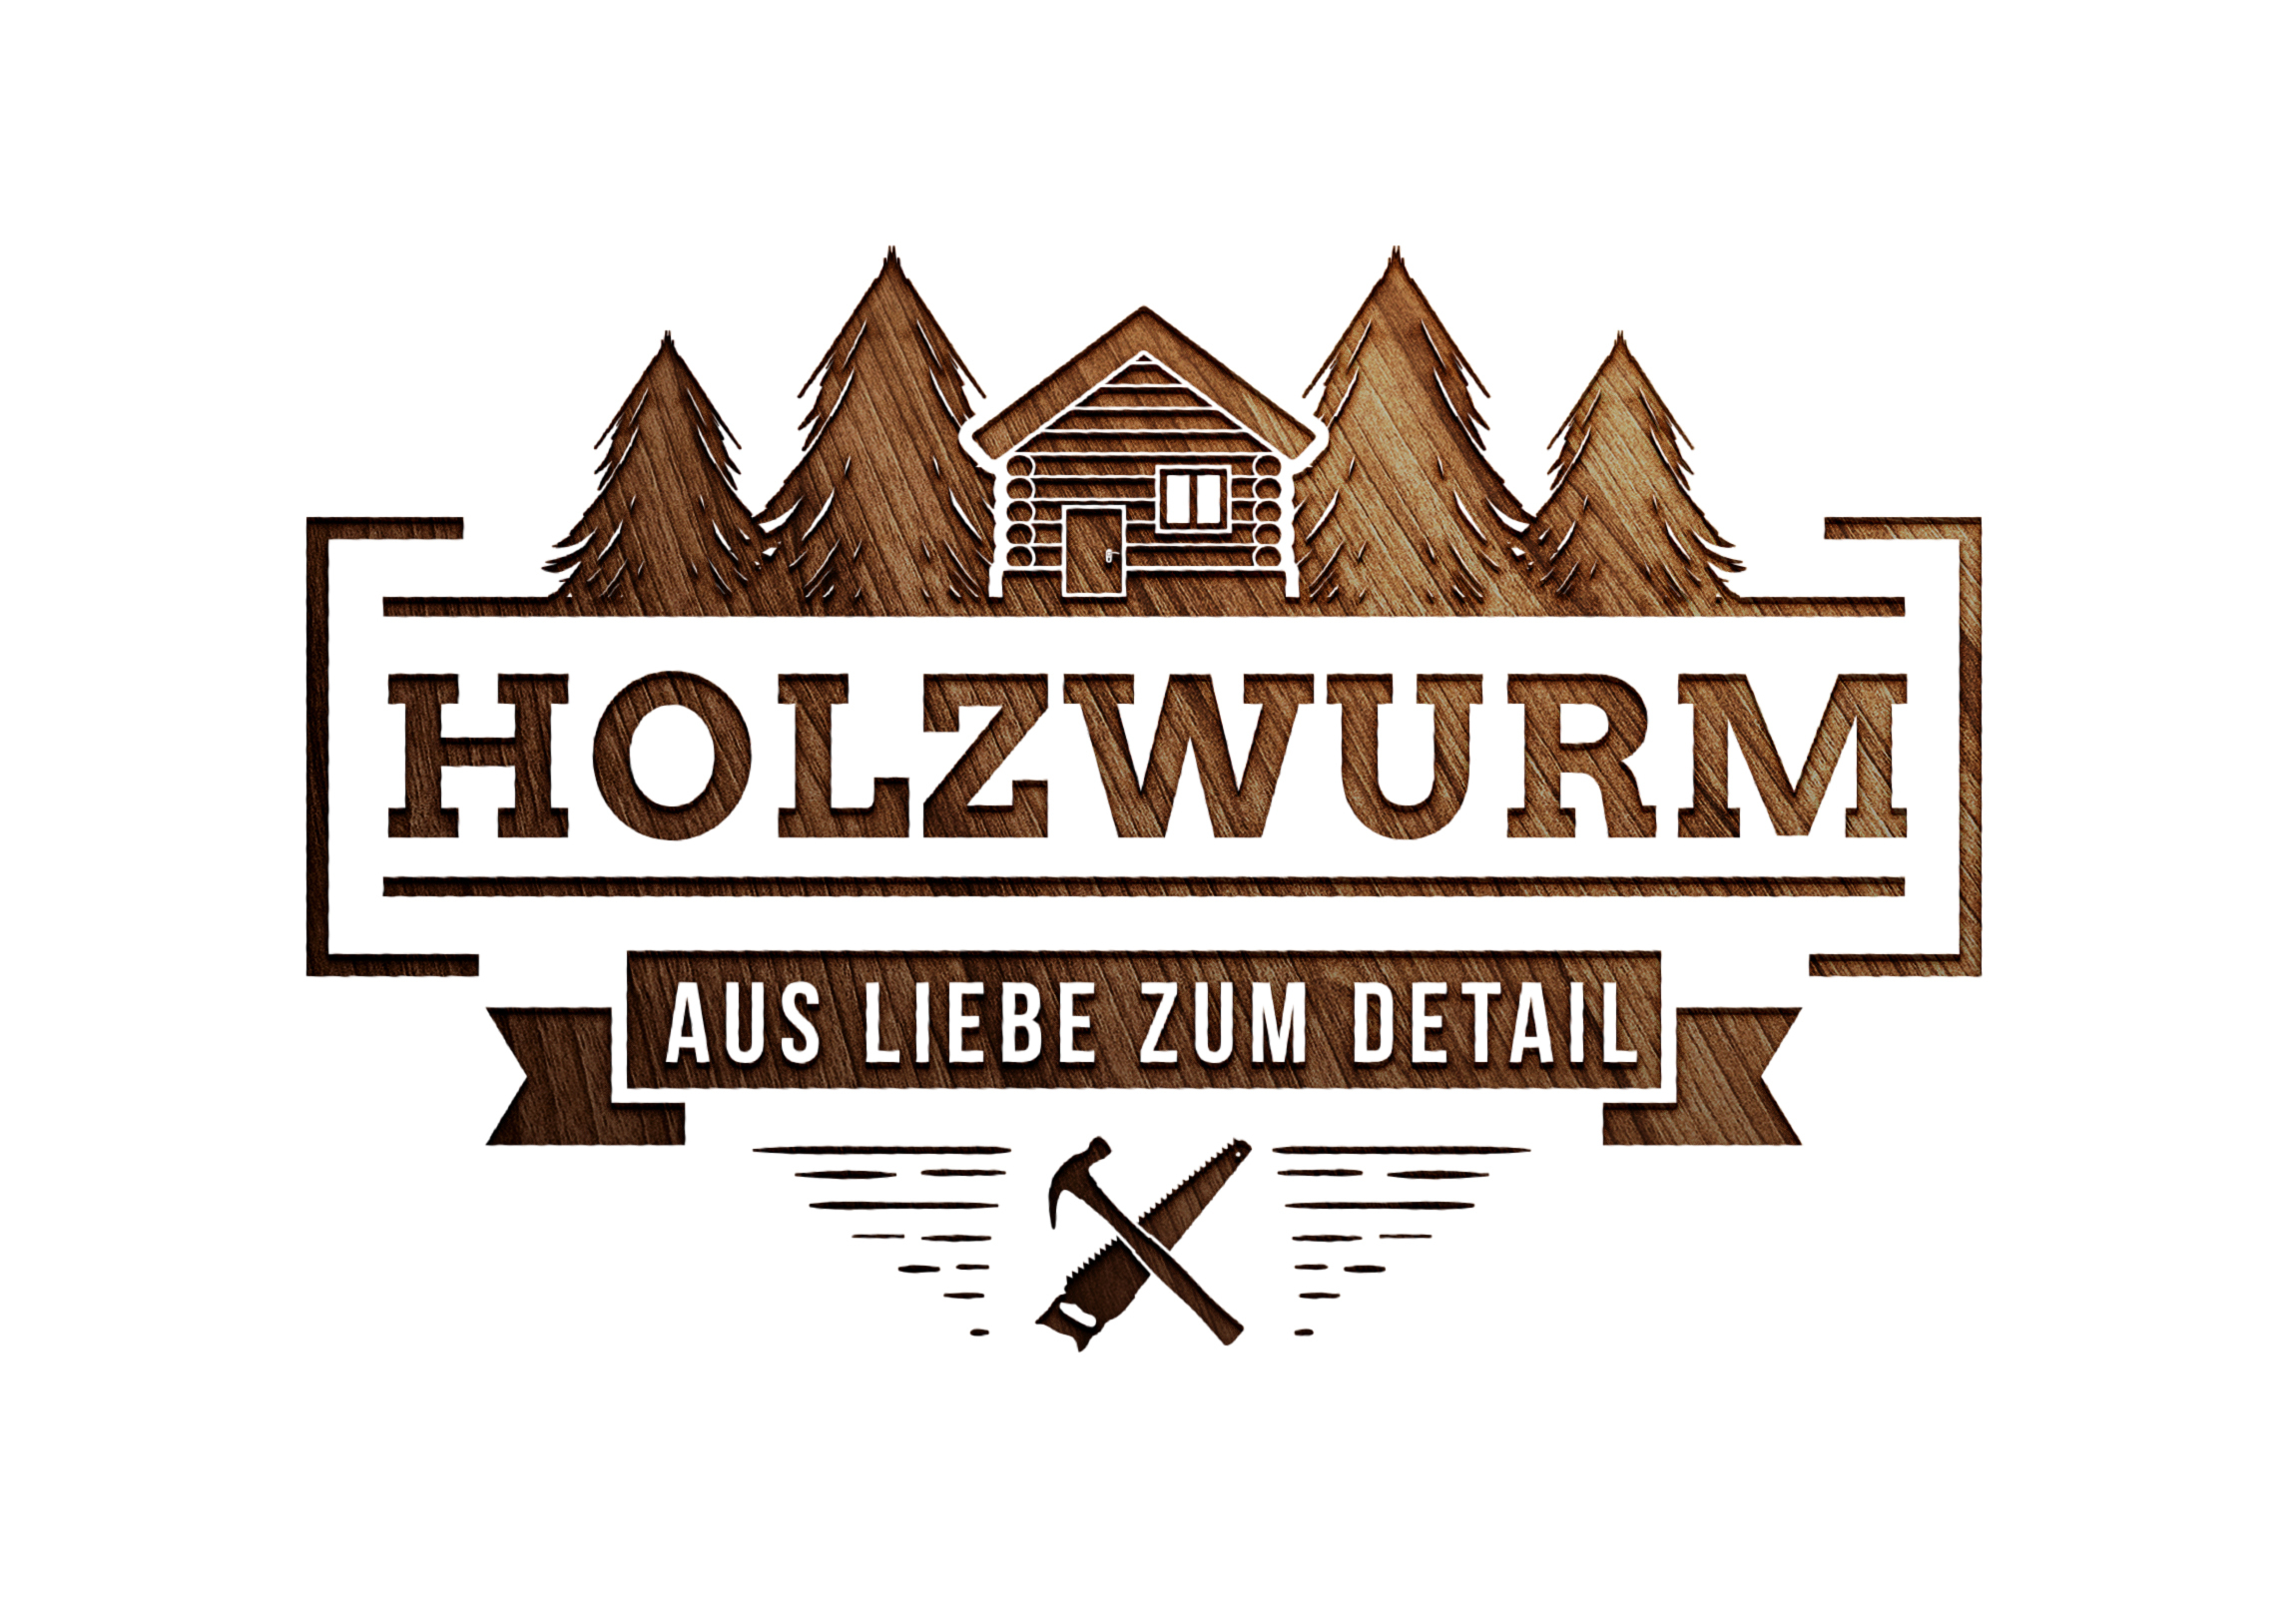 Bildmarke: HOLZWURM AUS LIEBE ZUM DETAIL